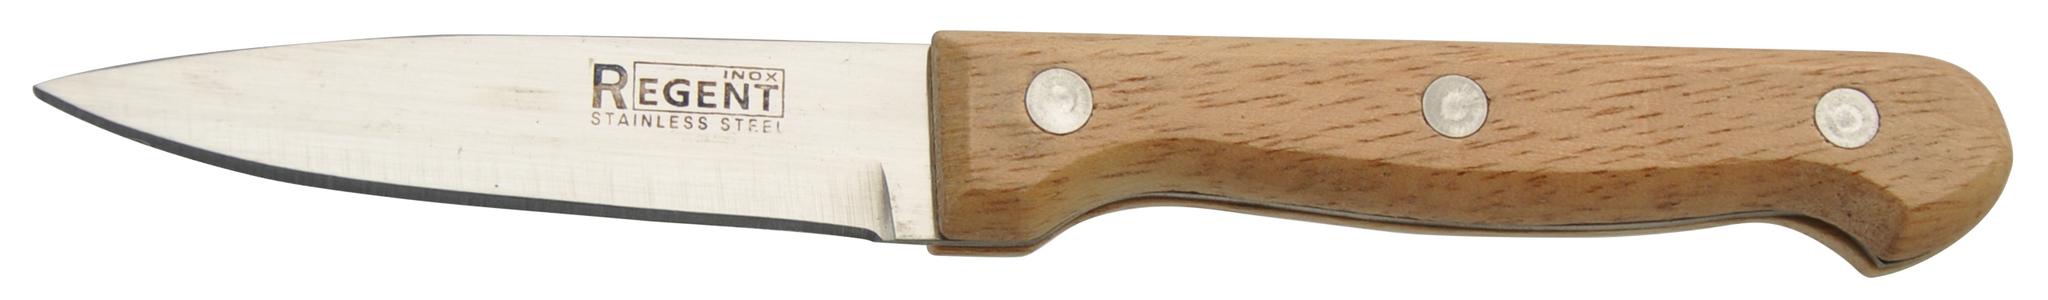 Нож для очистки овощей Regent inoxНожи, мусаты, ножеточки<br>Тип: нож, Назначение: для овощей, Материал: нержавеющая сталь, Длина (мм): 100<br>